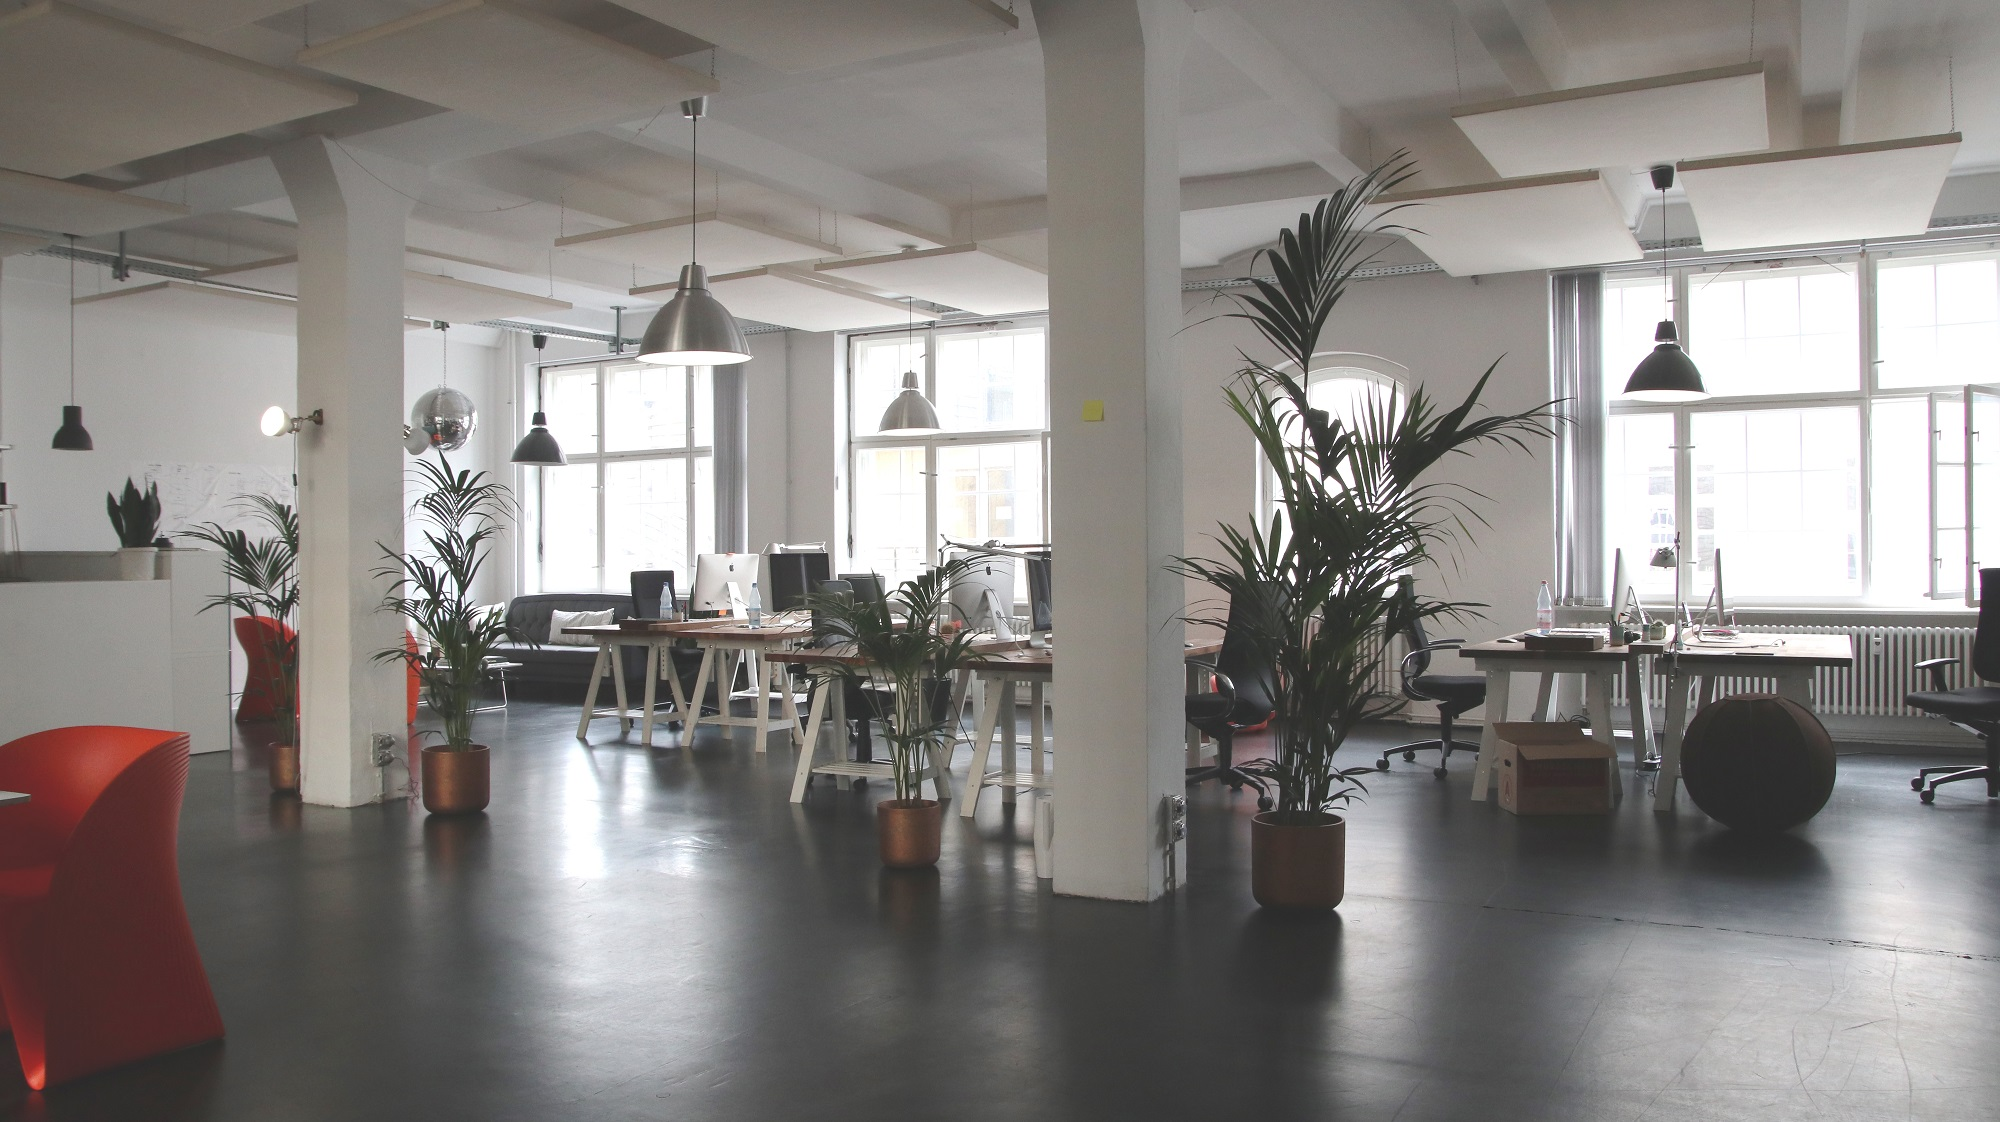 Welke soorten vloeren zijn geschikt voor een kantoorpand?